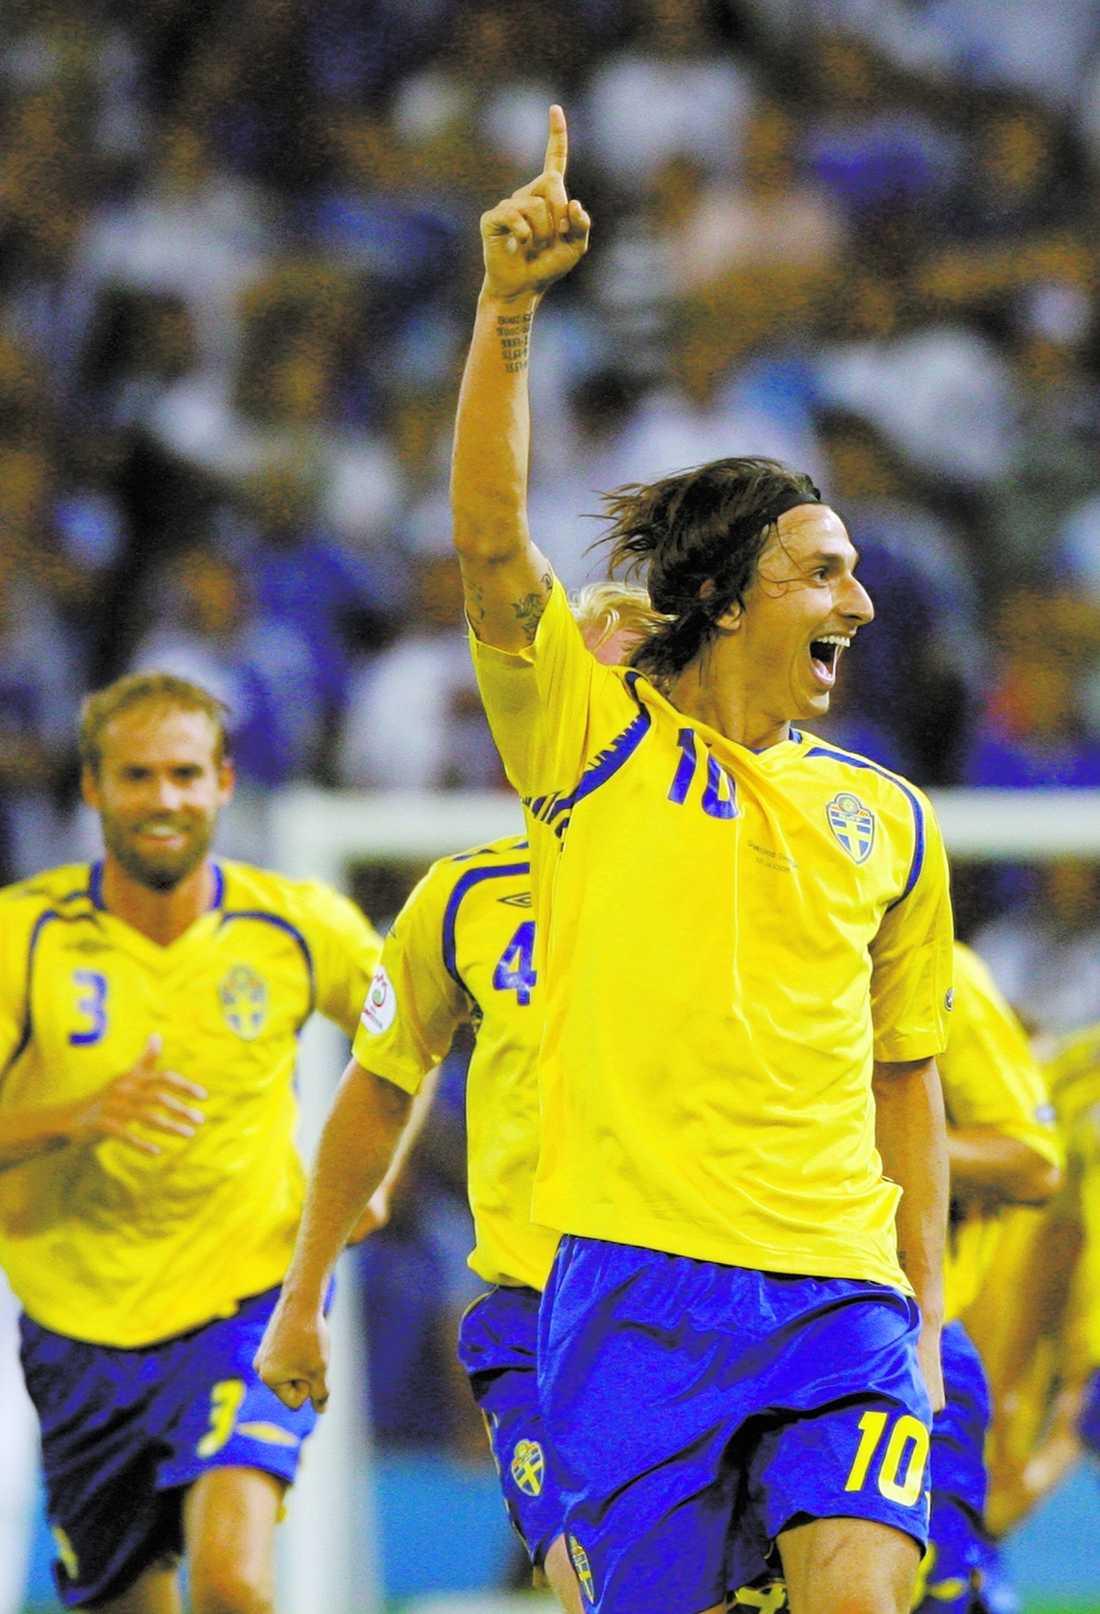 Zlatan gjorde målet som satte honom i centrum av fotbollsvärlden och gav Sverige tre poäng.